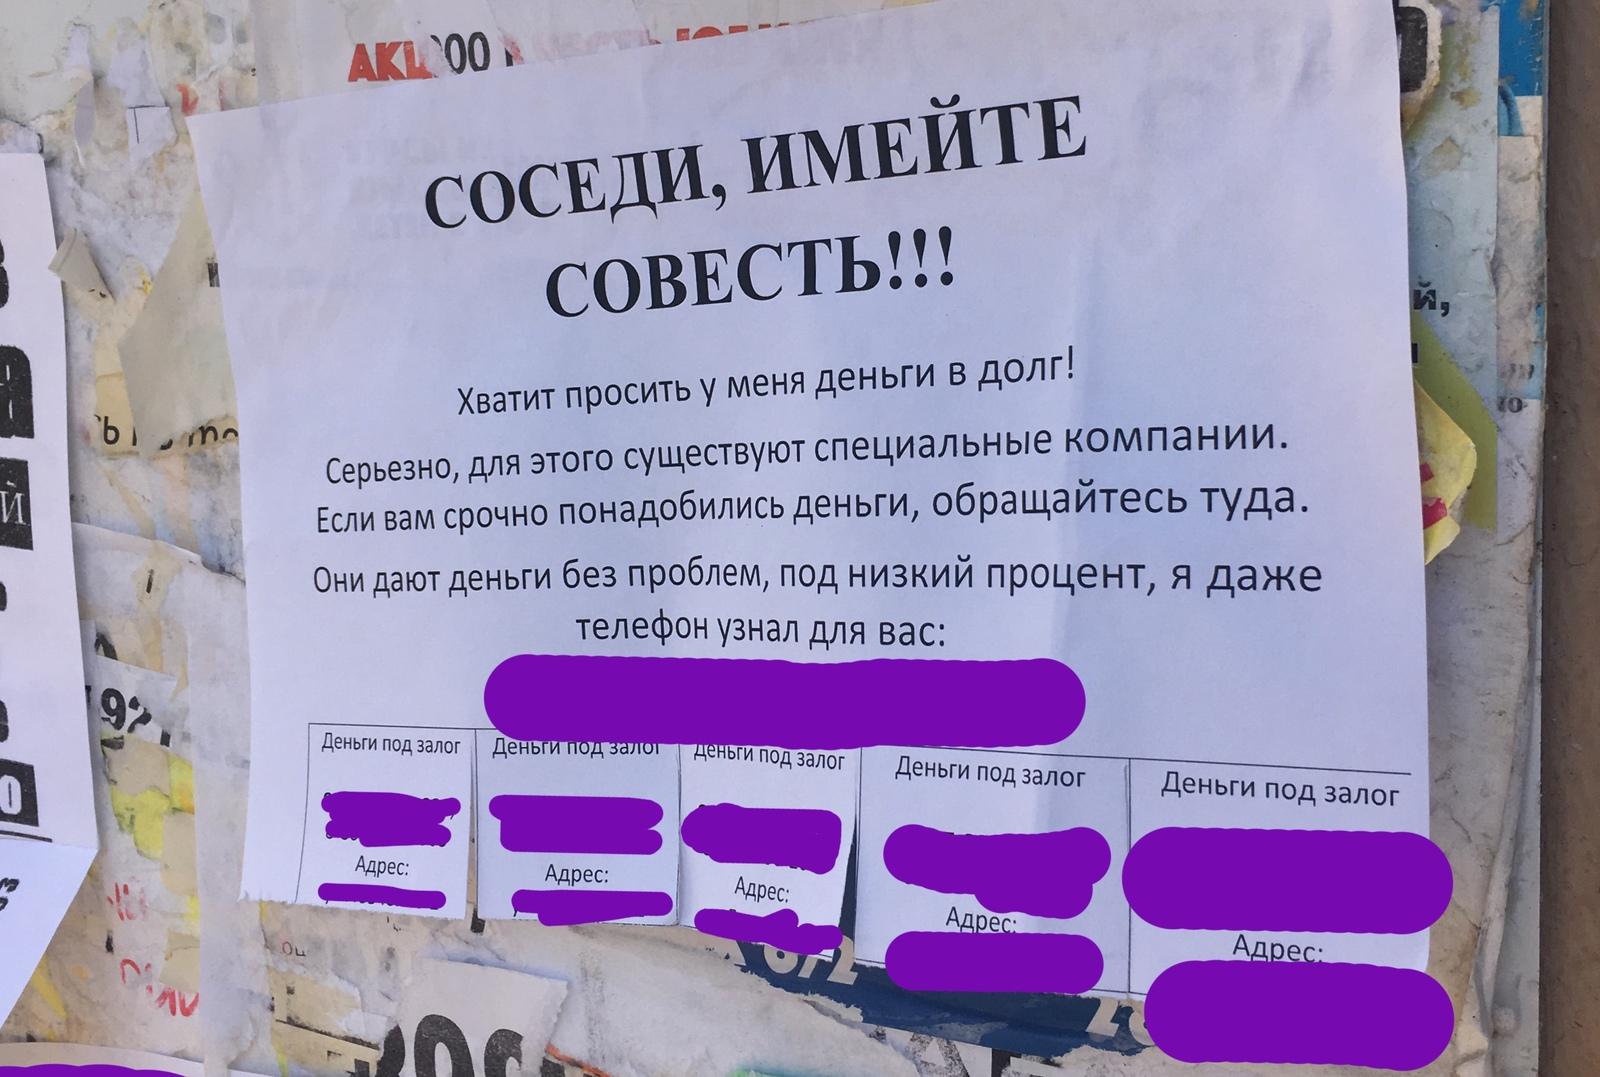 микрозайм без справок в ташкенте финансы м кредит